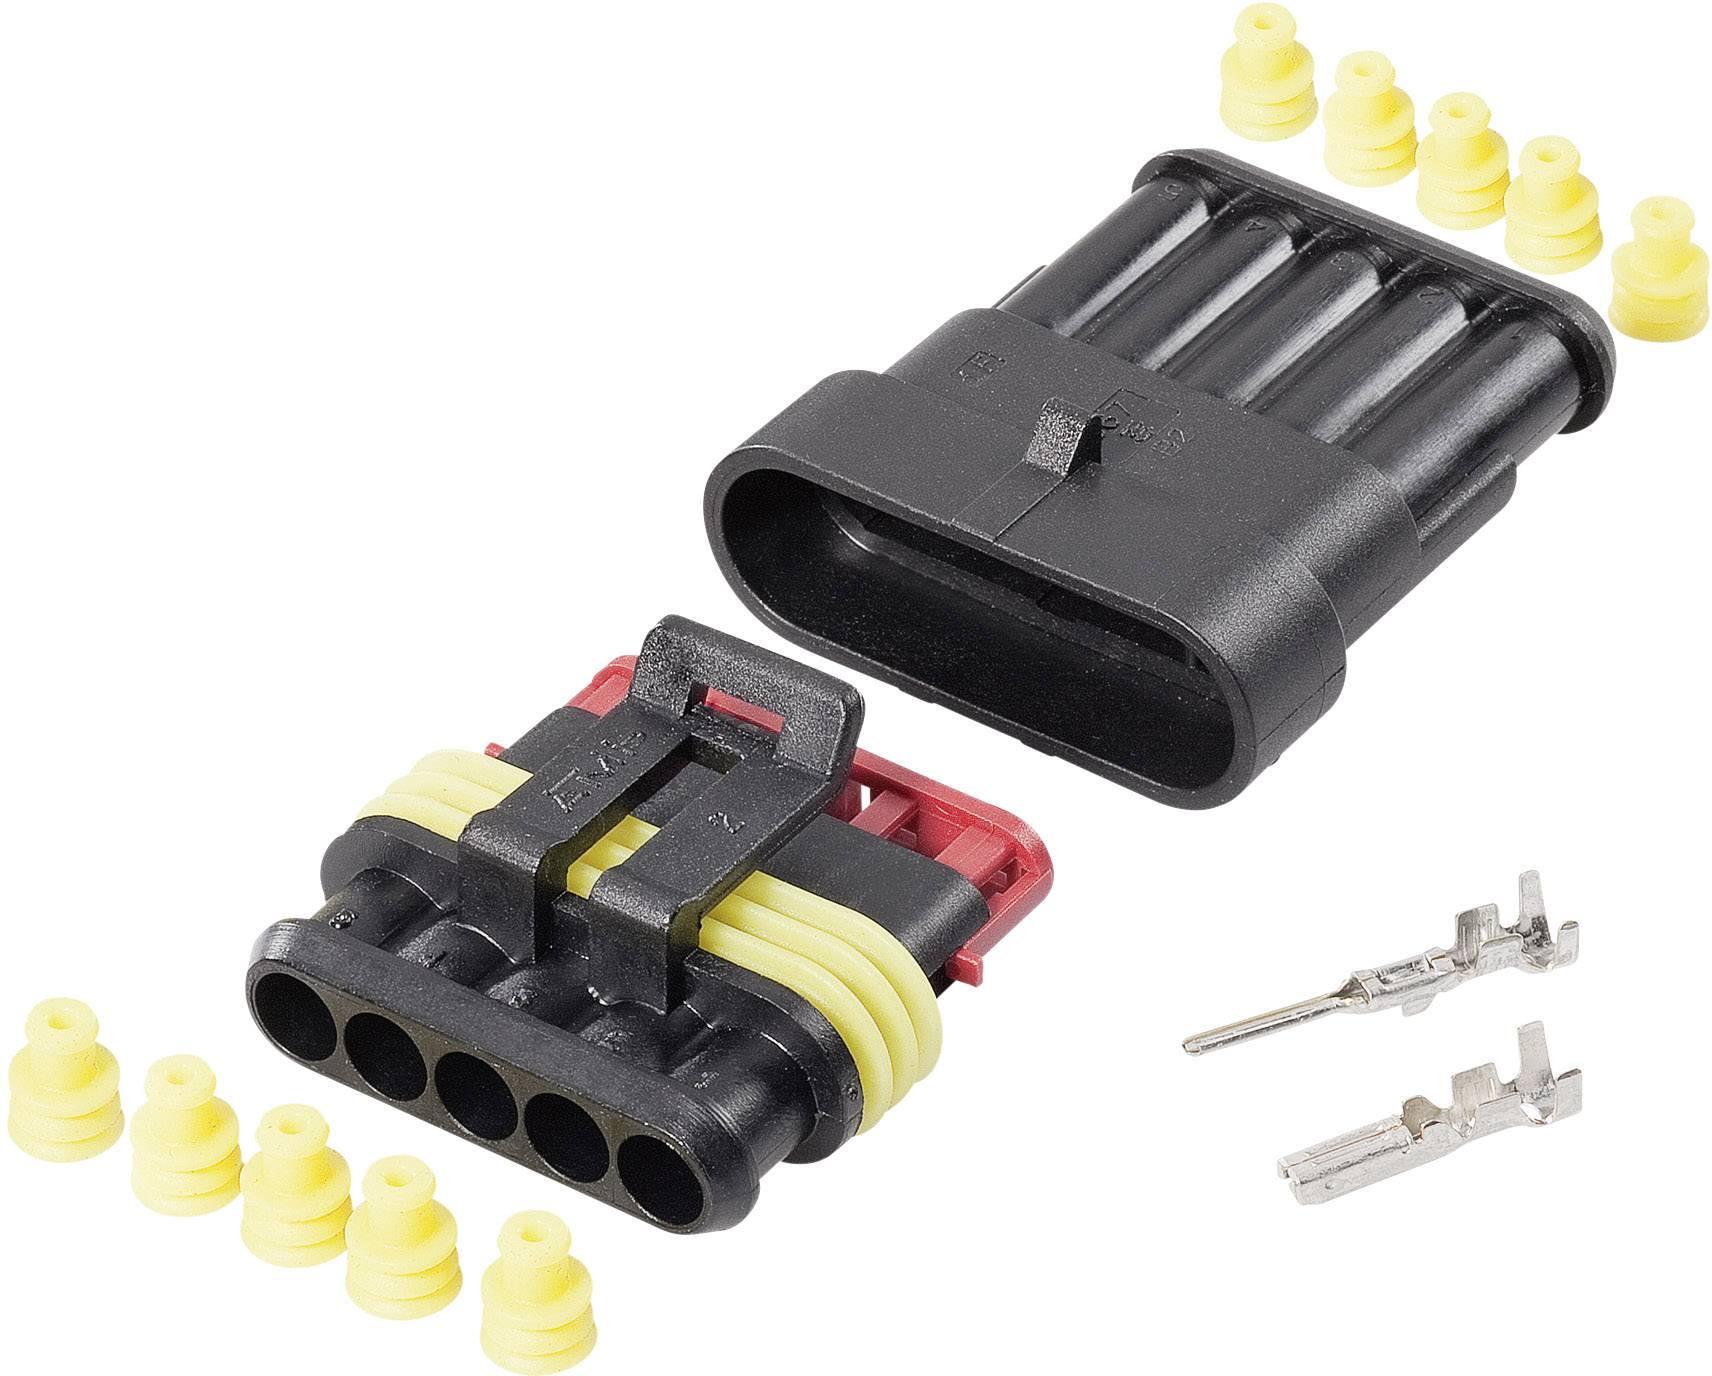 Sada konektorů Superseal TE Connectivity 5, rozteč 6 mm, 1 balení